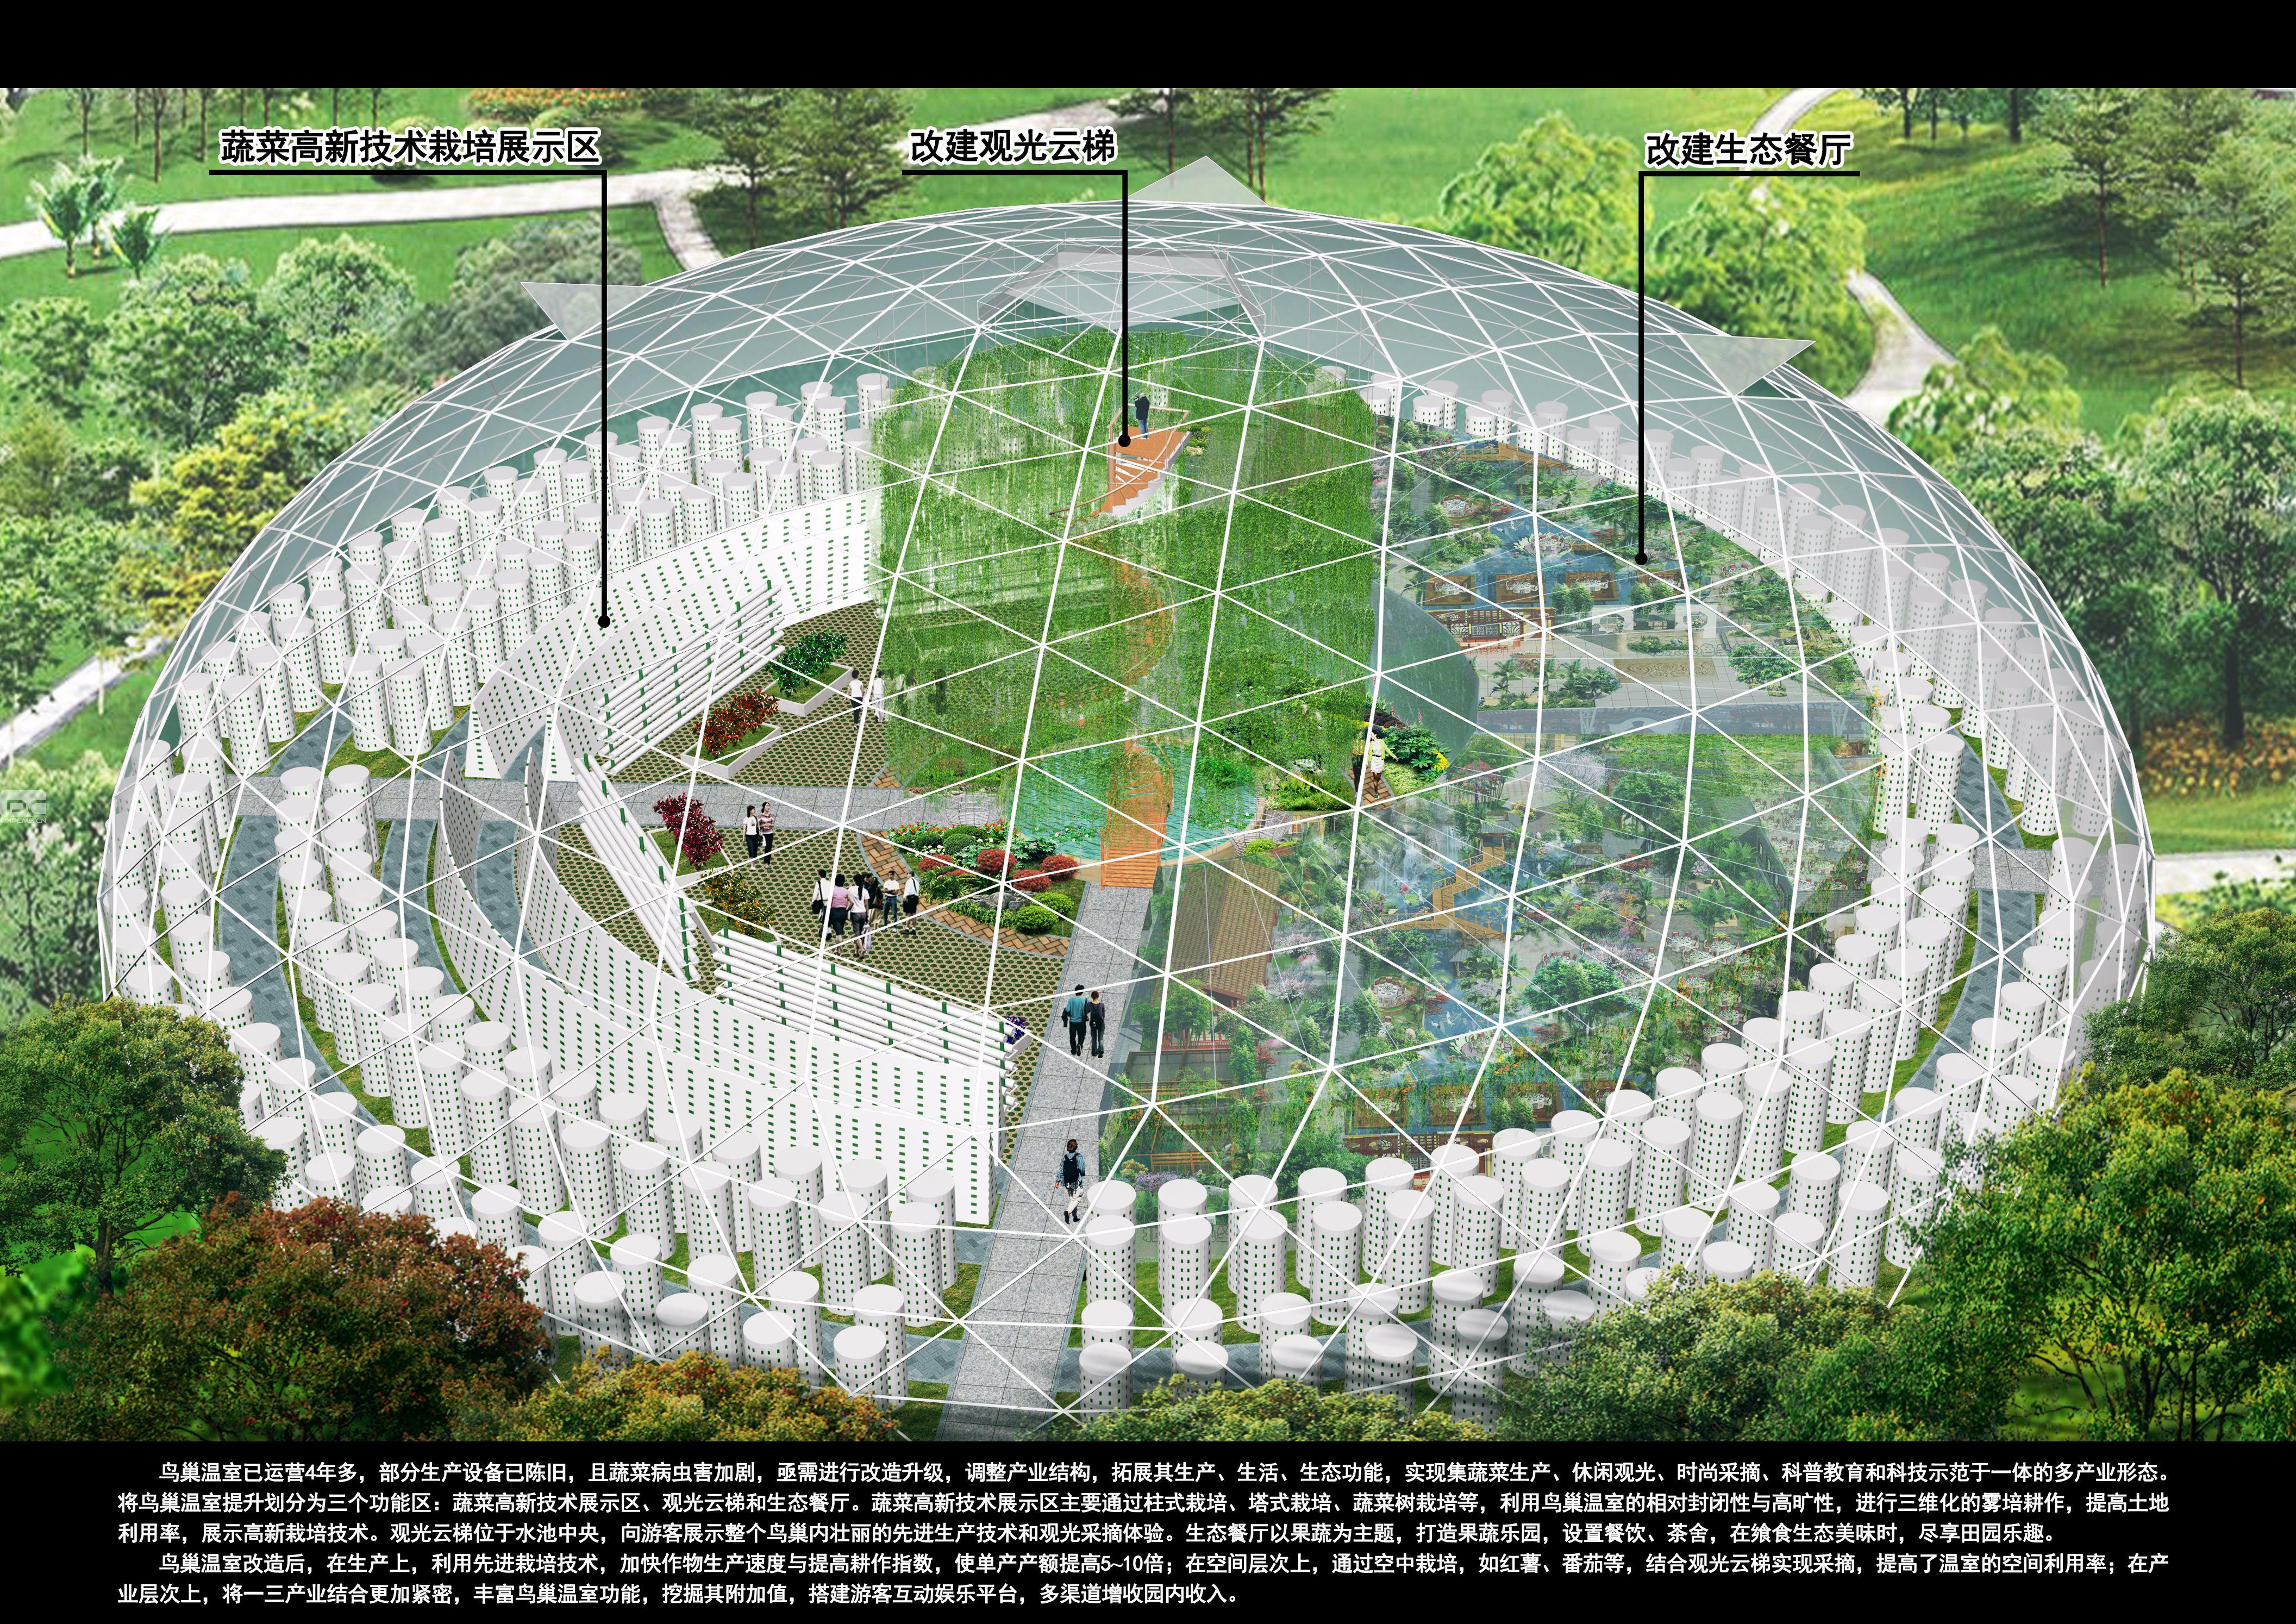 天慈亚博yabo2014生态科技示范亚博体育ios端下载